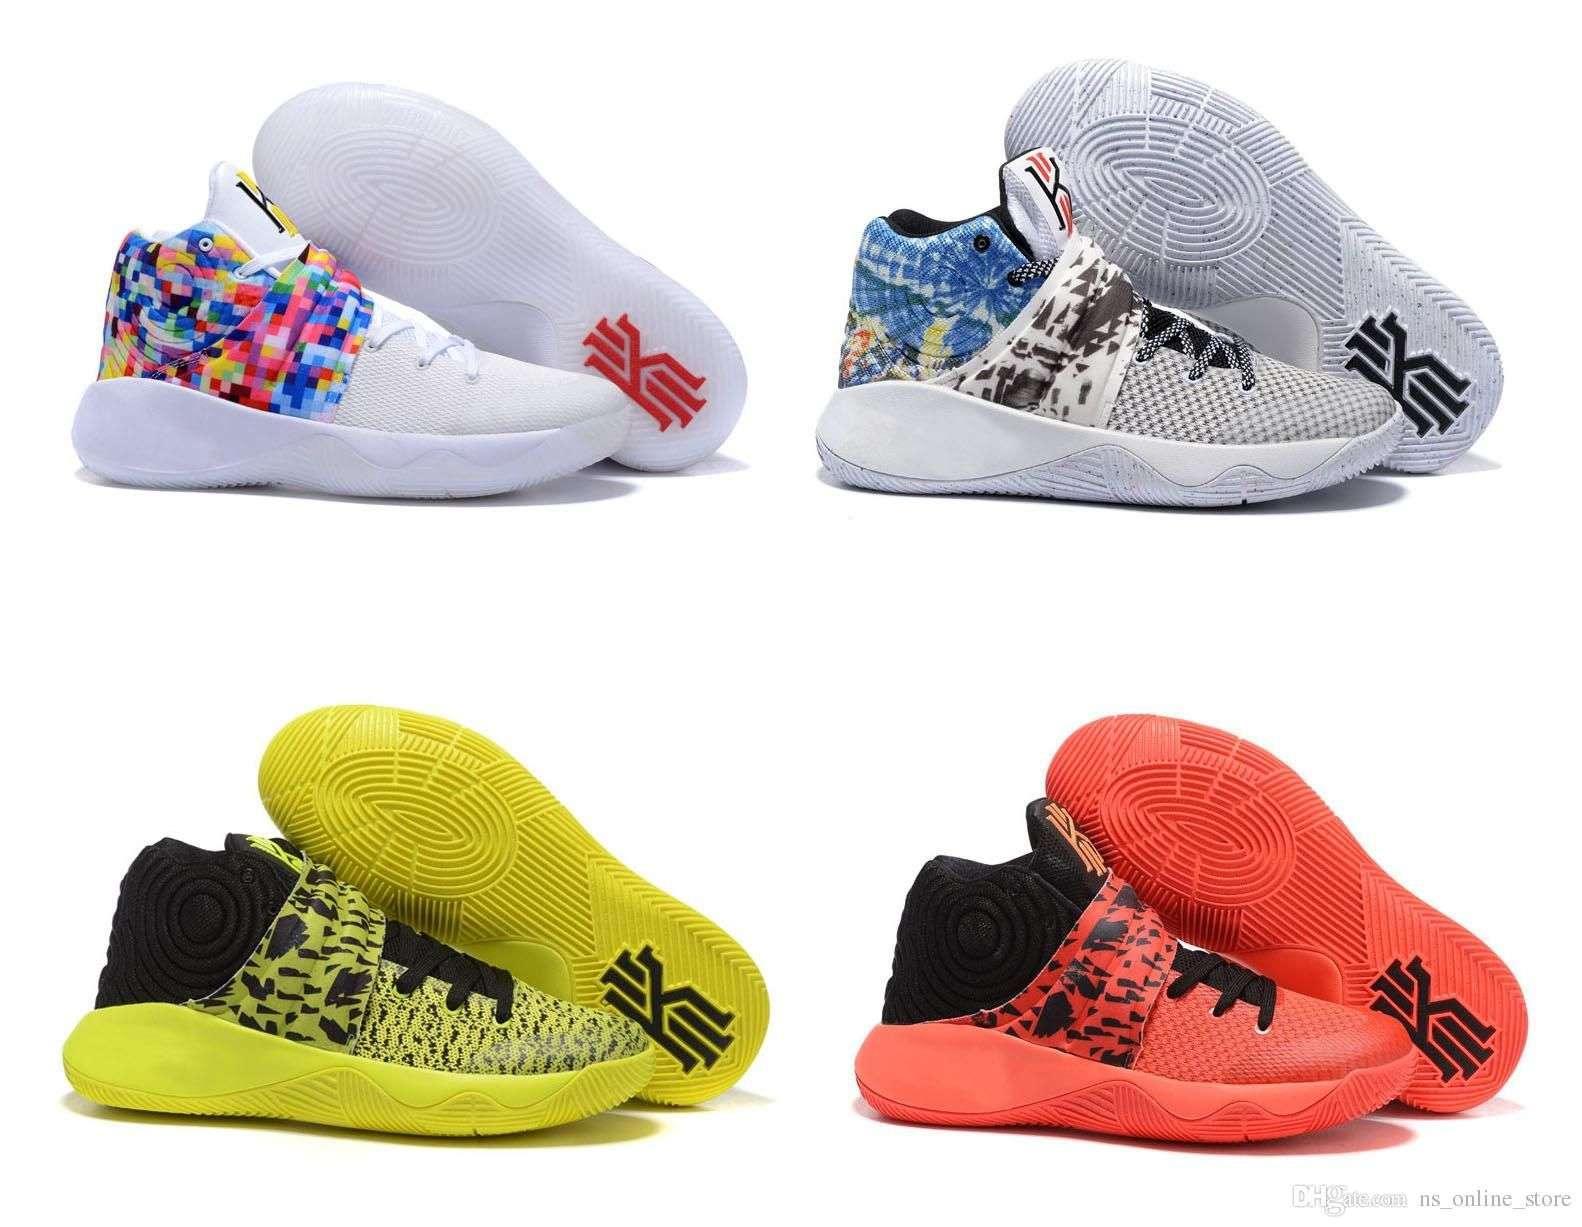 scarpe basket irving